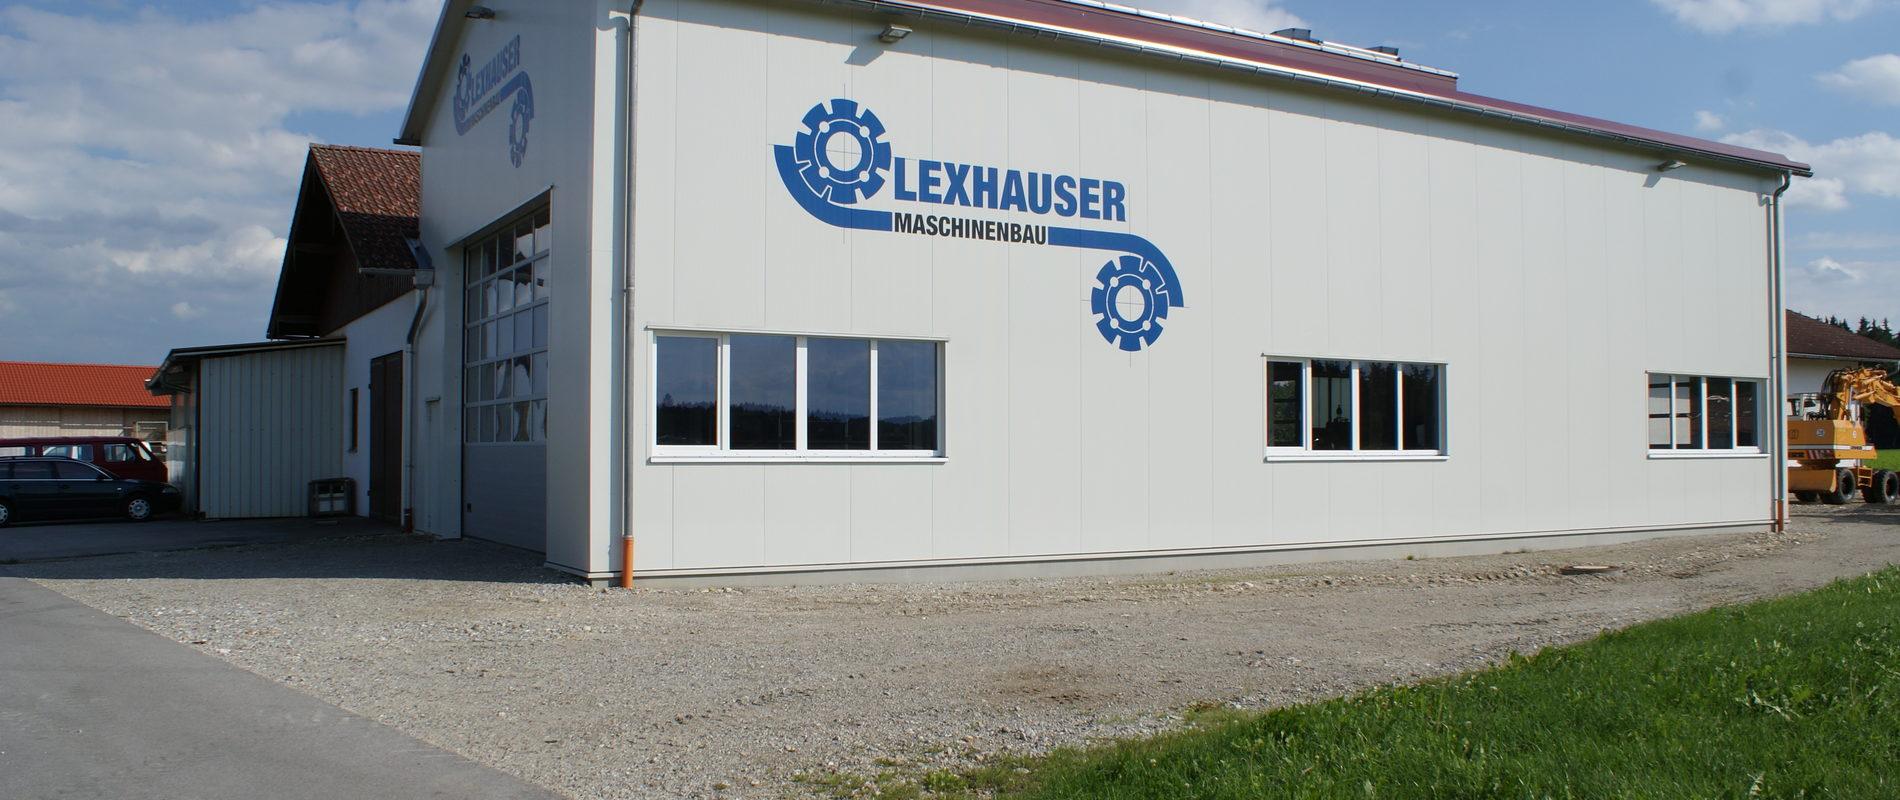 Lexhauser Maschinenbau - Unternehmen